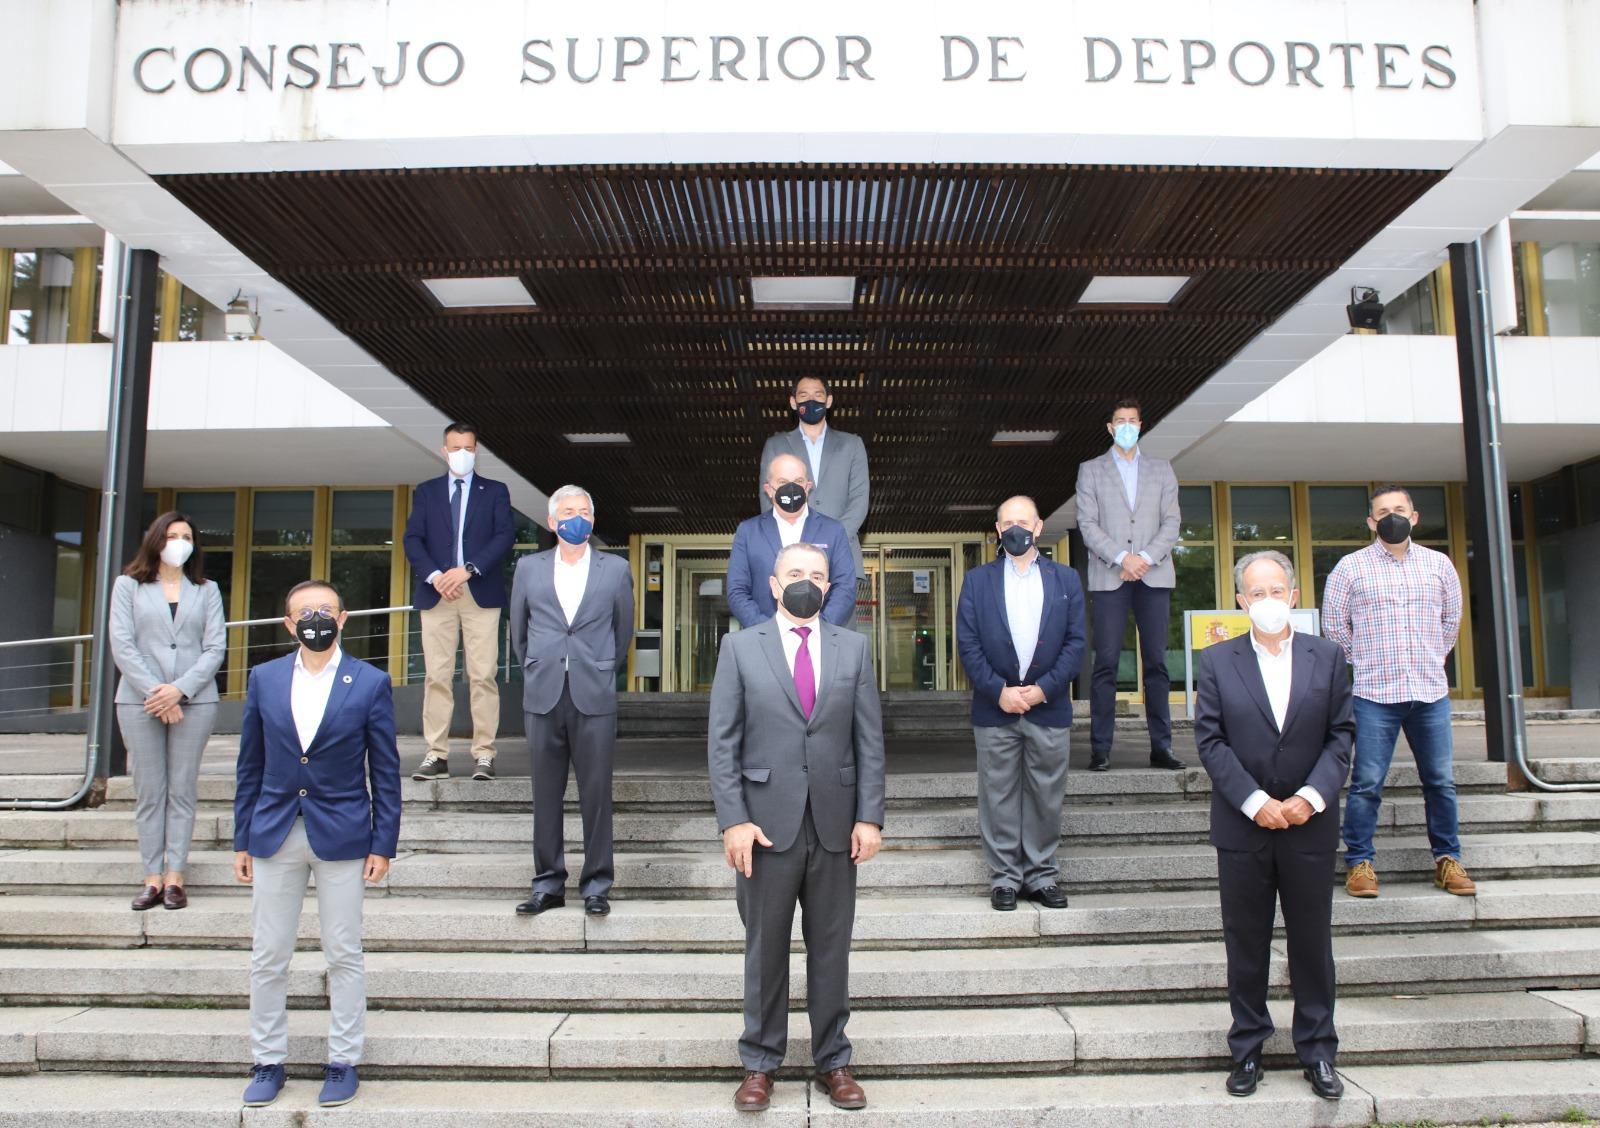 José Manuel Franco asiste a la Junta Directiva de ADESP y traslada a las Federaciones Deportivas Españolas su papel relevante en la nueva fase de reconstrucción